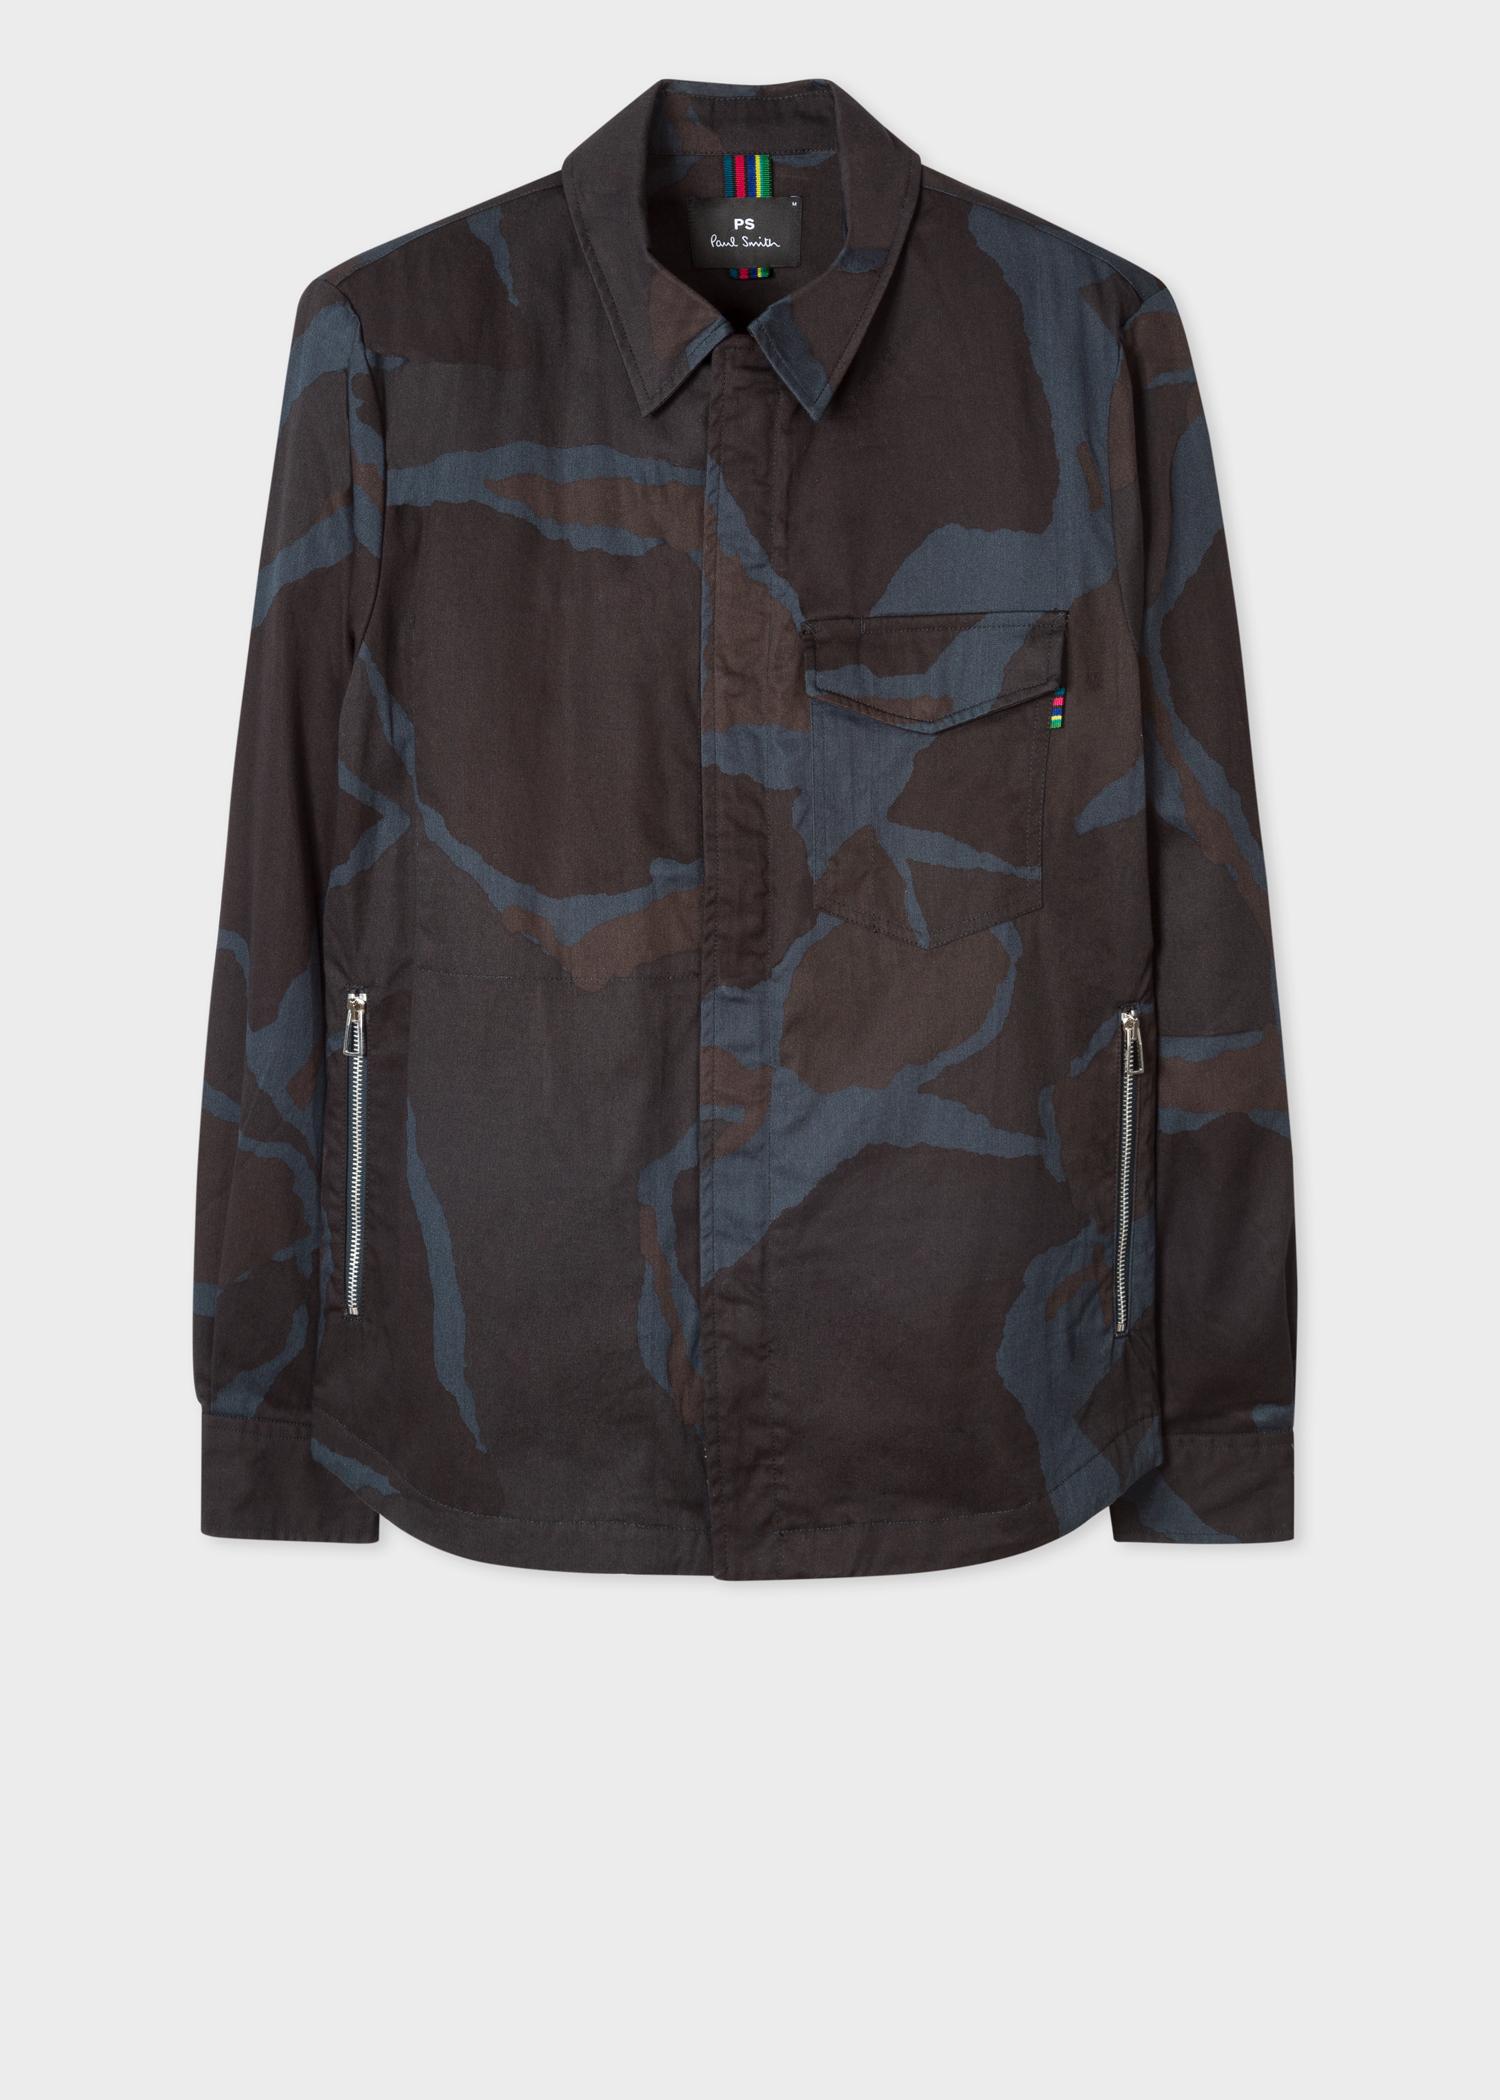 Veste Veste Surchemise Smith Coton Bleu Homme Paul Camouflage En Marine dd8rwq